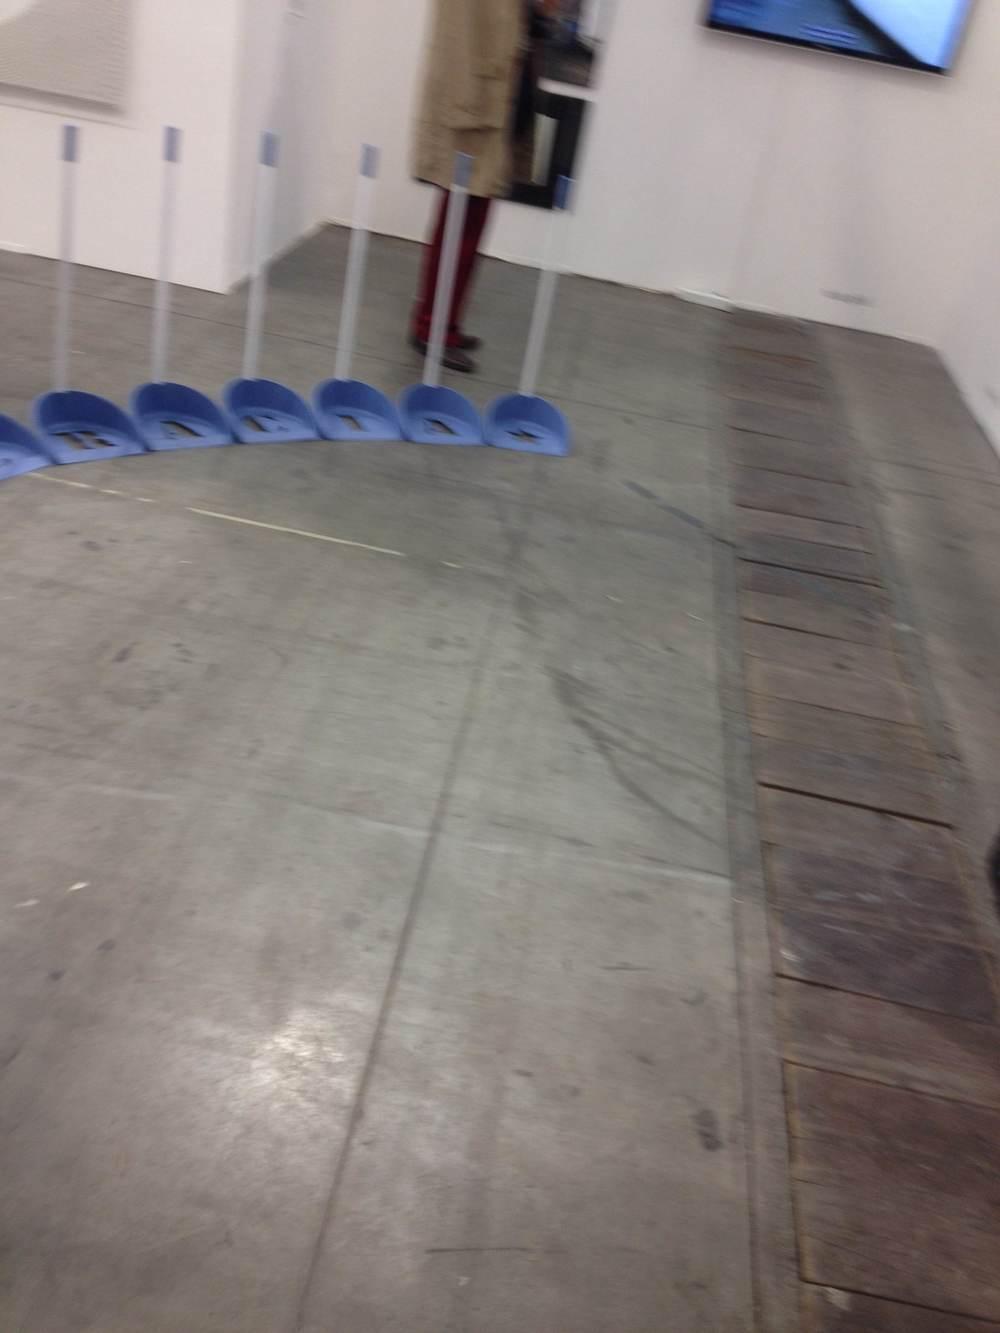 clean floor?